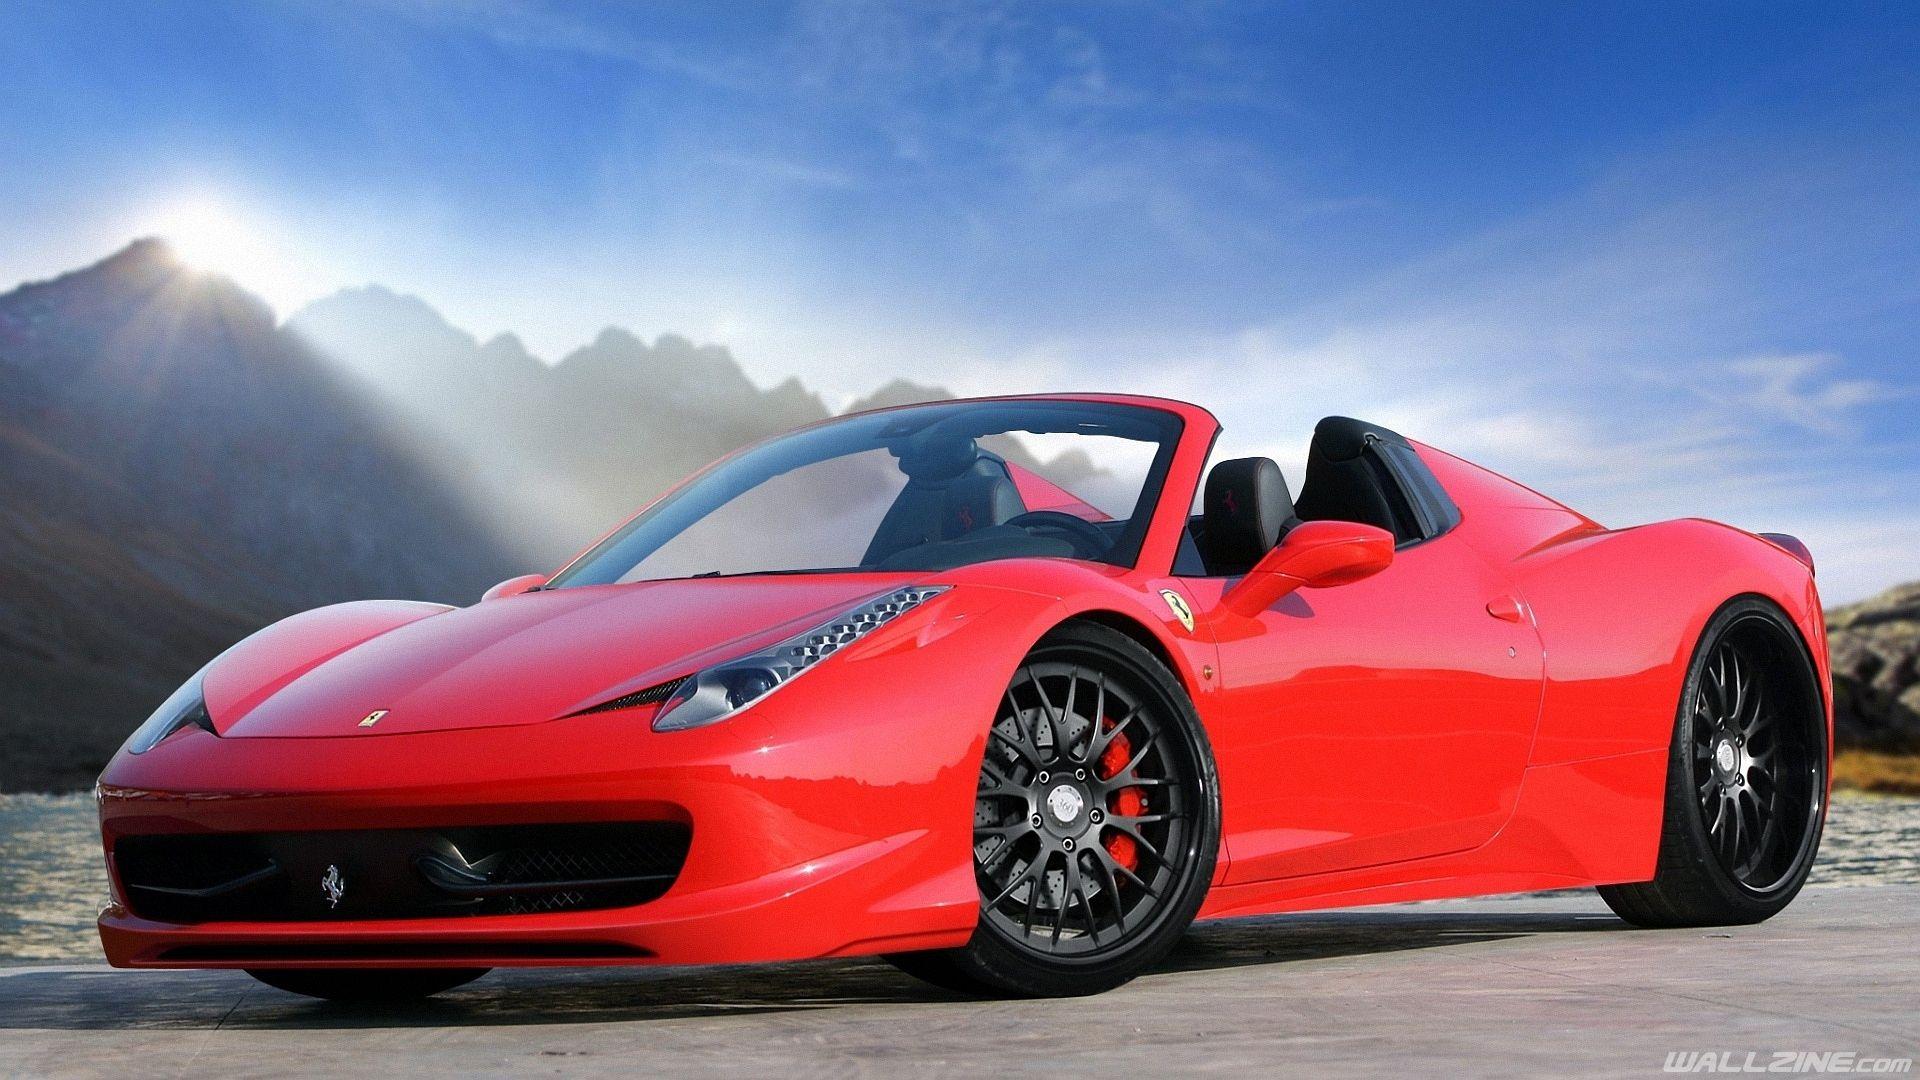 Beautiful Red Ferrari Hd Desktop Wallpaper Wallzine Com Sports Car Wallpaper Ferrari Car Cool Car Wallpapers Hd